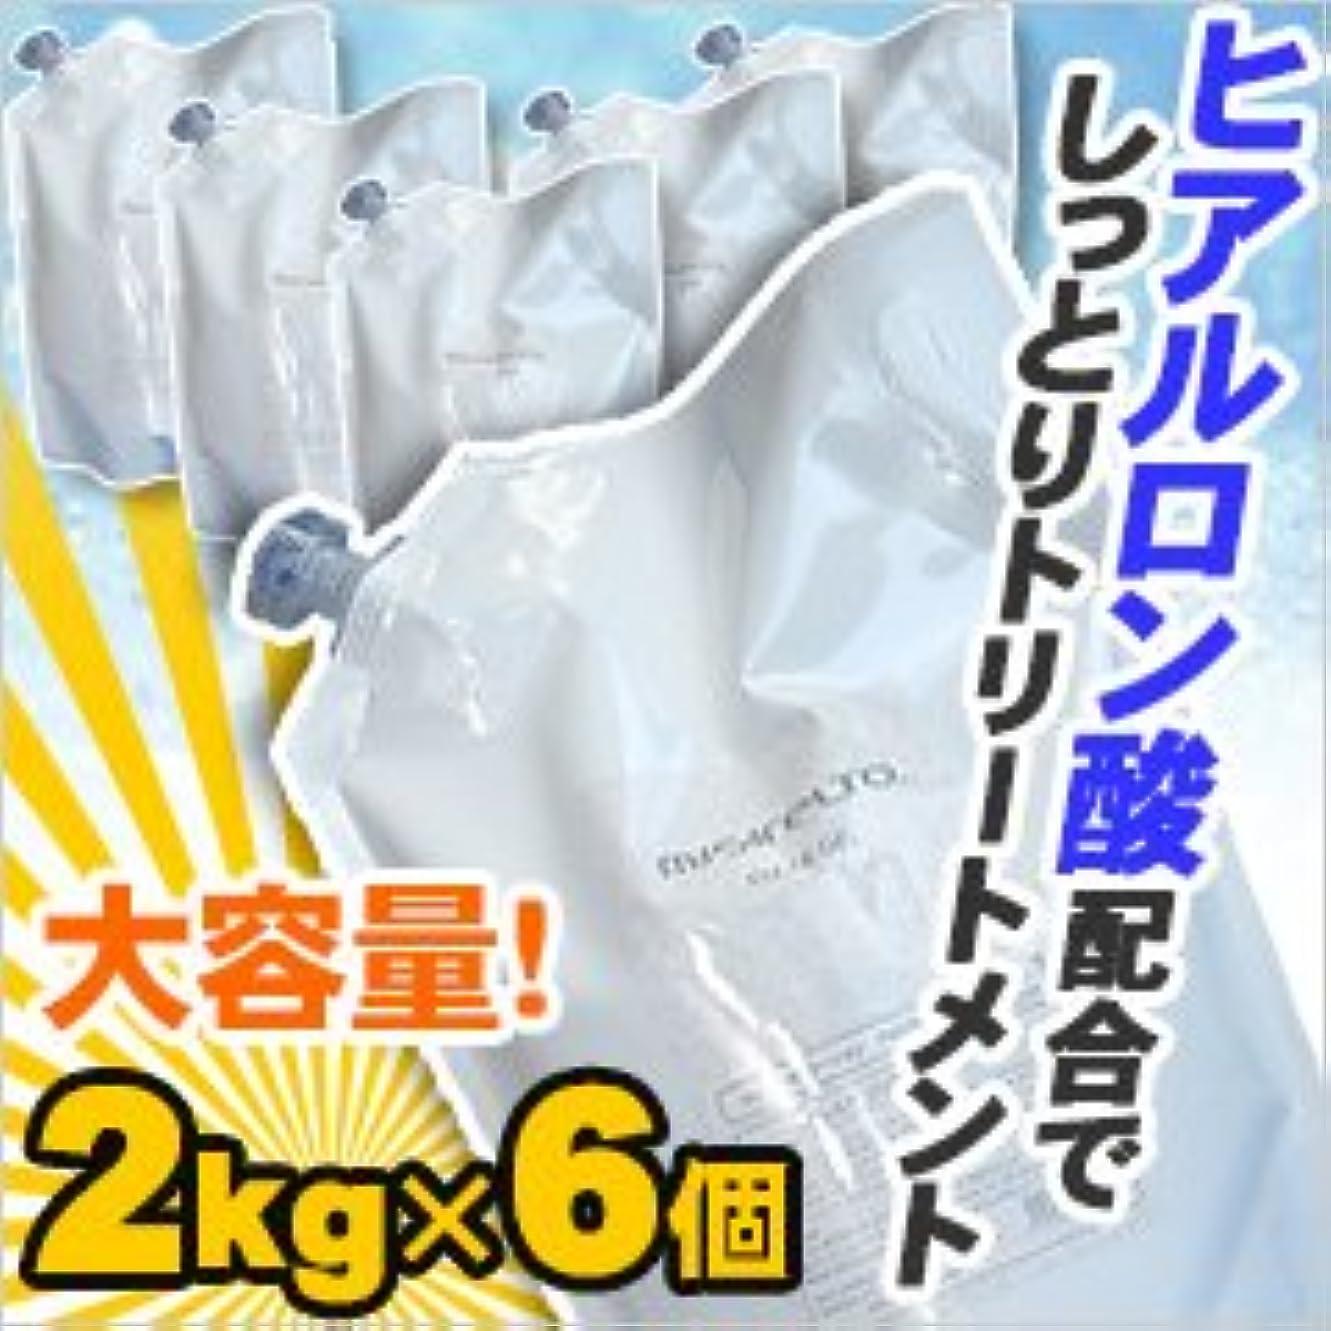 人事冒険バックアップ国産 CLEARジェル2kg×6個  【脱毛?キャビ?フォト?ソニック用マルチジェル】